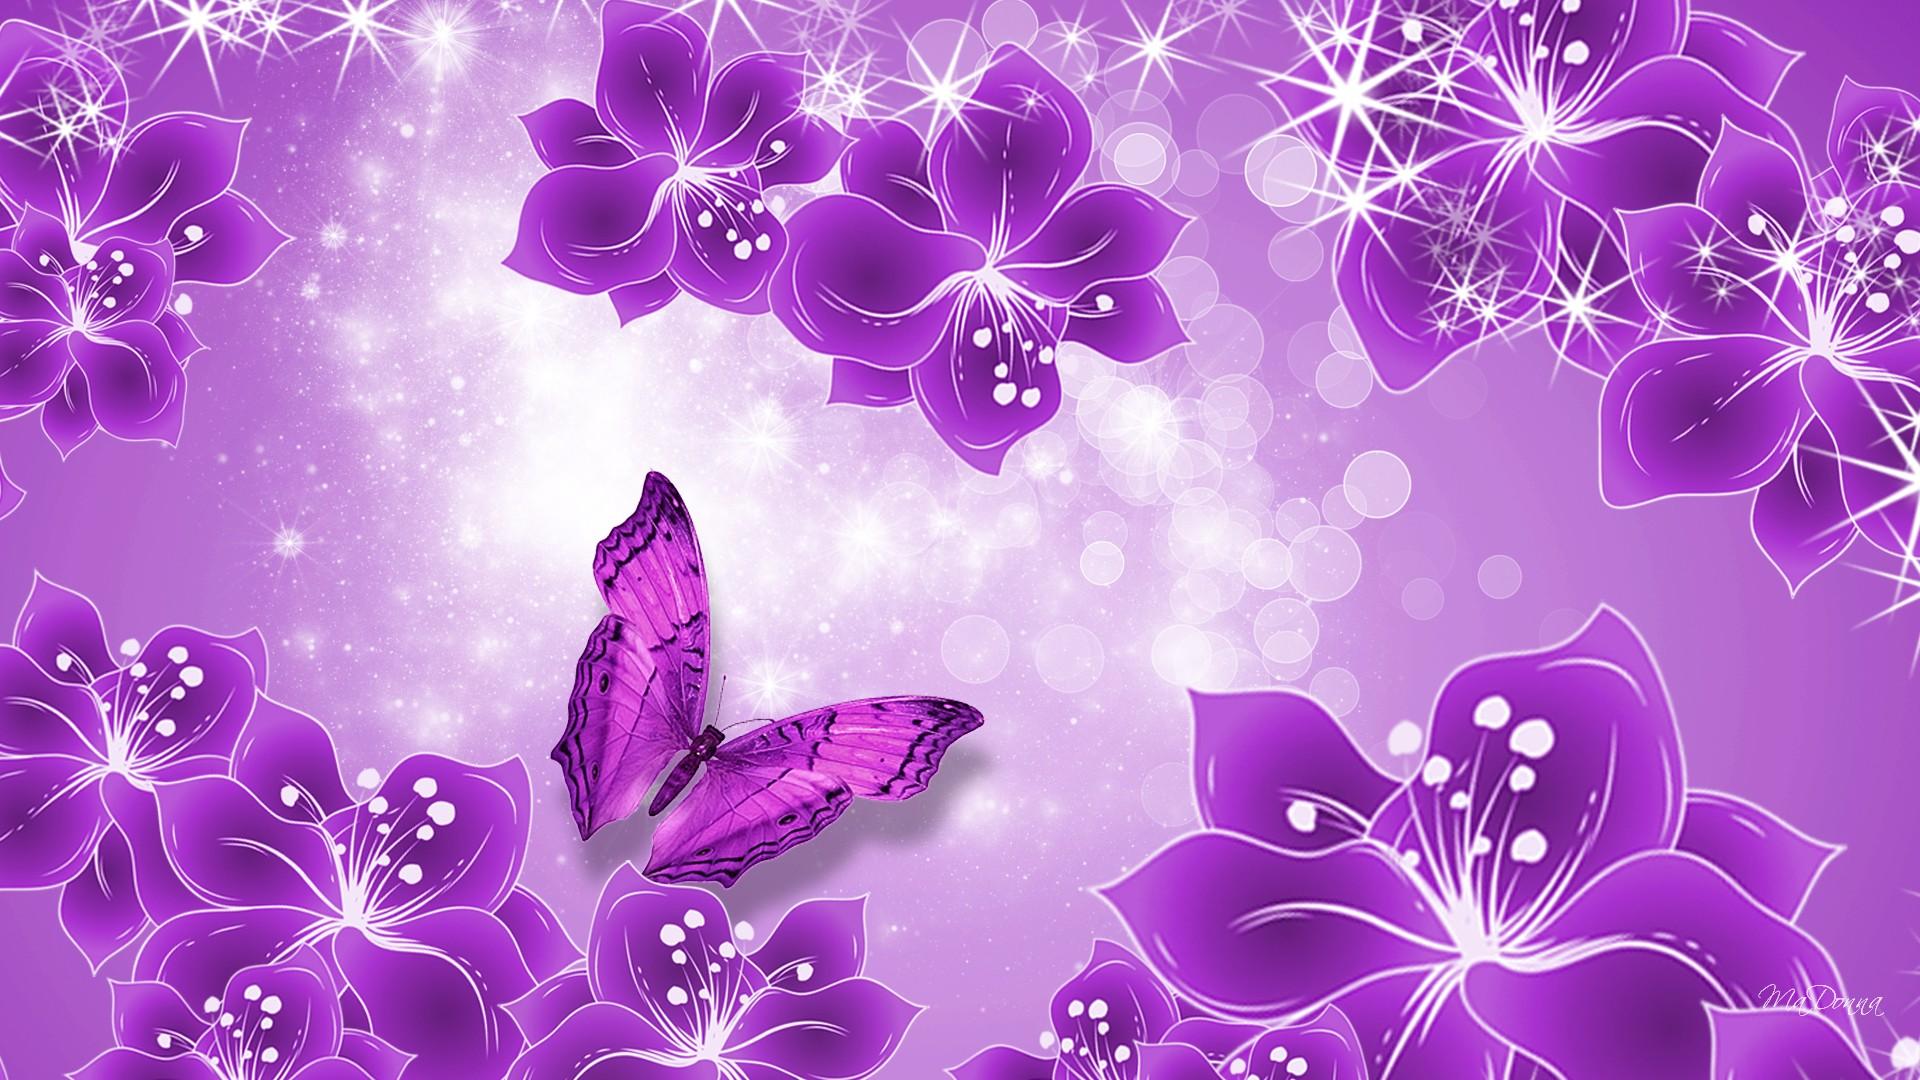 wallpaper purple best amazing butterfly wallpapers desktop 1920x1080